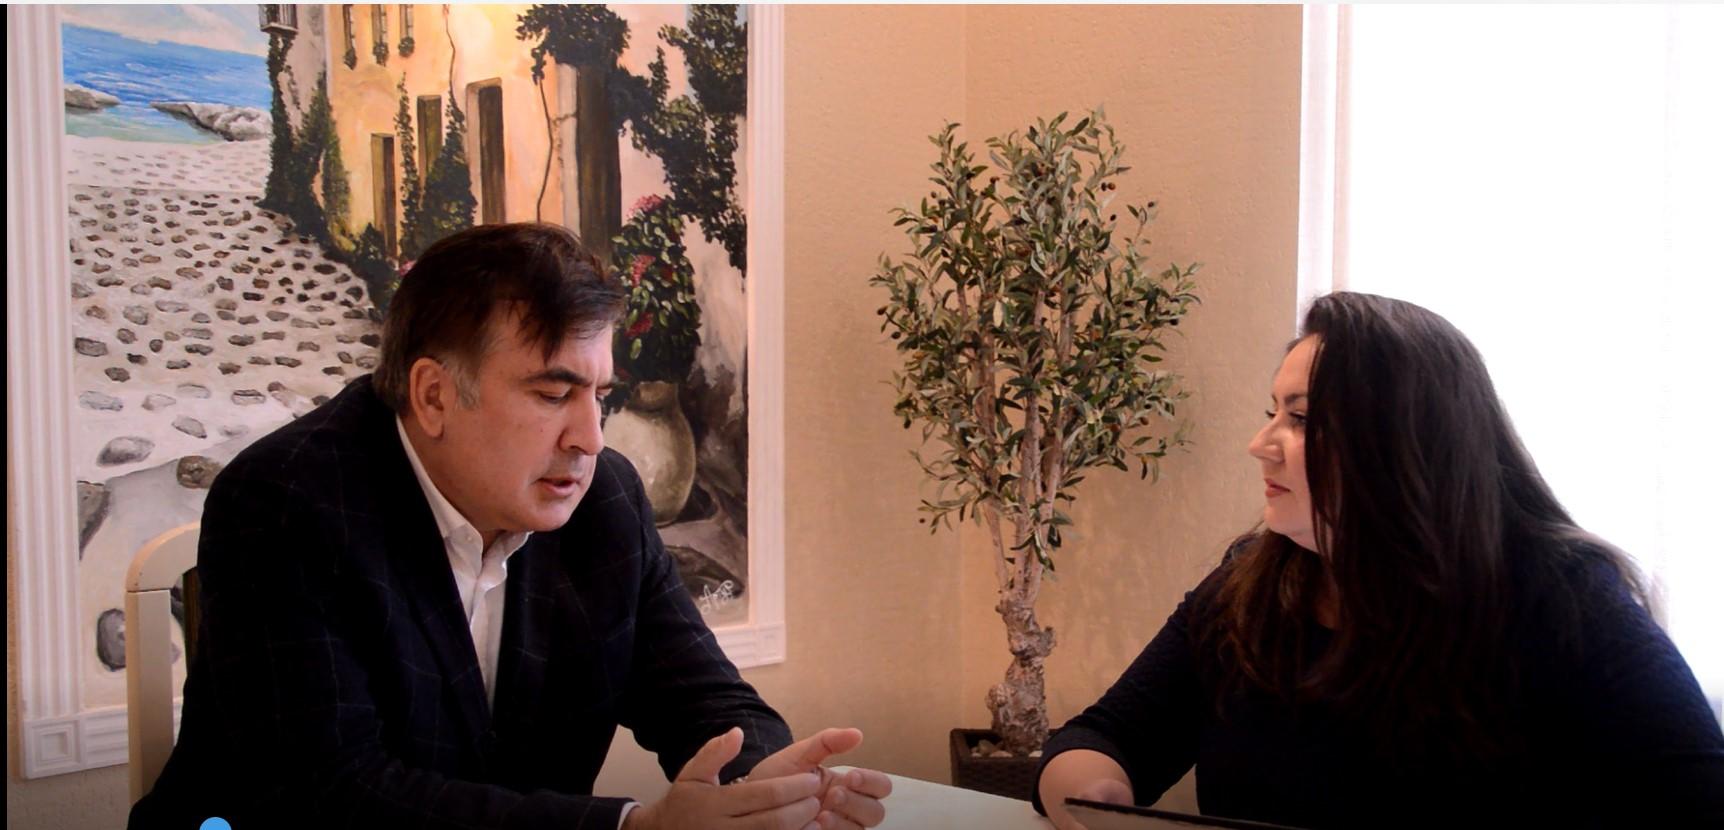 """""""Реформи дискредитують навмисно"""", - ексклюзивне інтерв'ю Саакашвілі в Кропивницькому, частина 2. ВІДЕО - 1 - Політика - Без Купюр"""